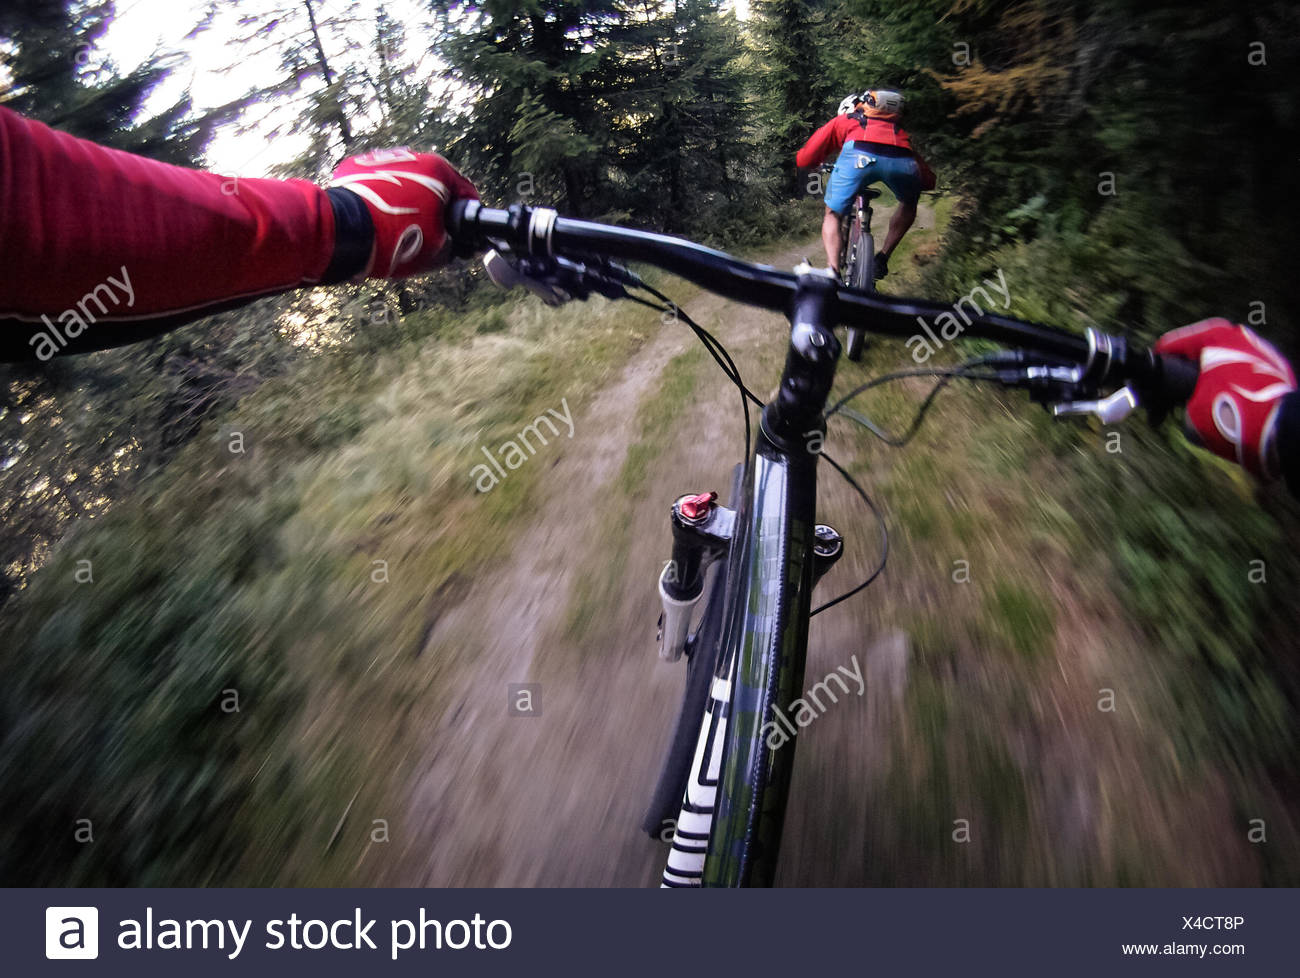 Austria, Salzburgo, Shot de ciclista de montaña persiguiendo a otro Foto de stock